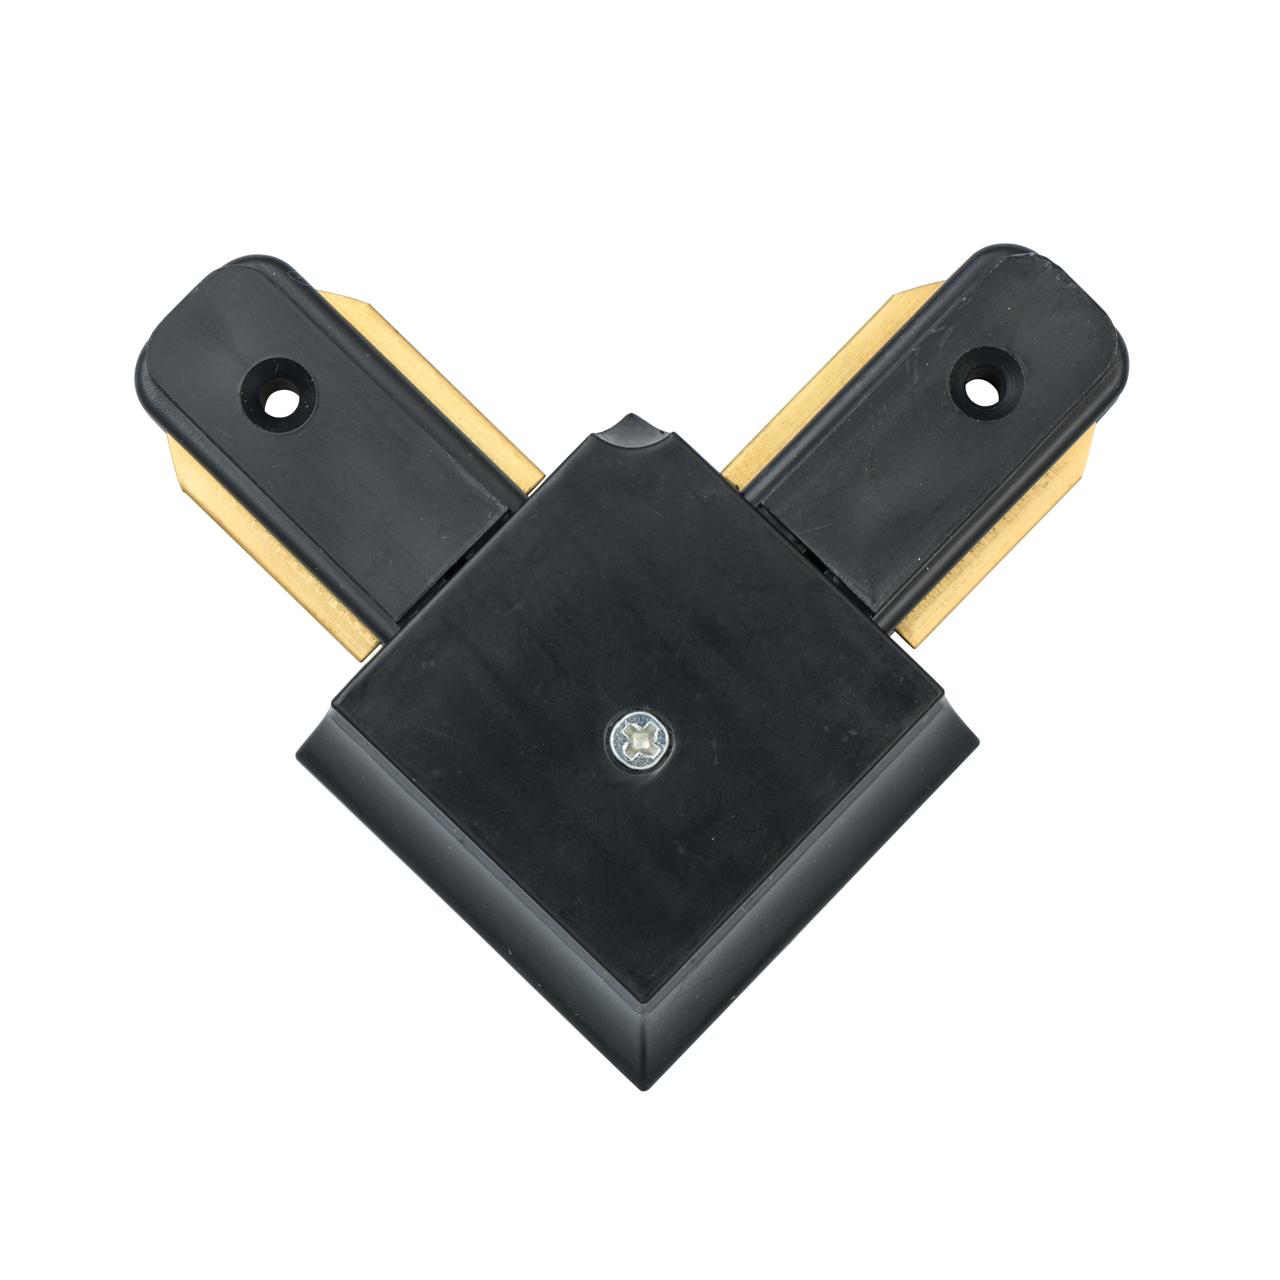 L-образный соединитель для шинопровода De Markt CON 2L BL, черный, металл, пластик - фото 1